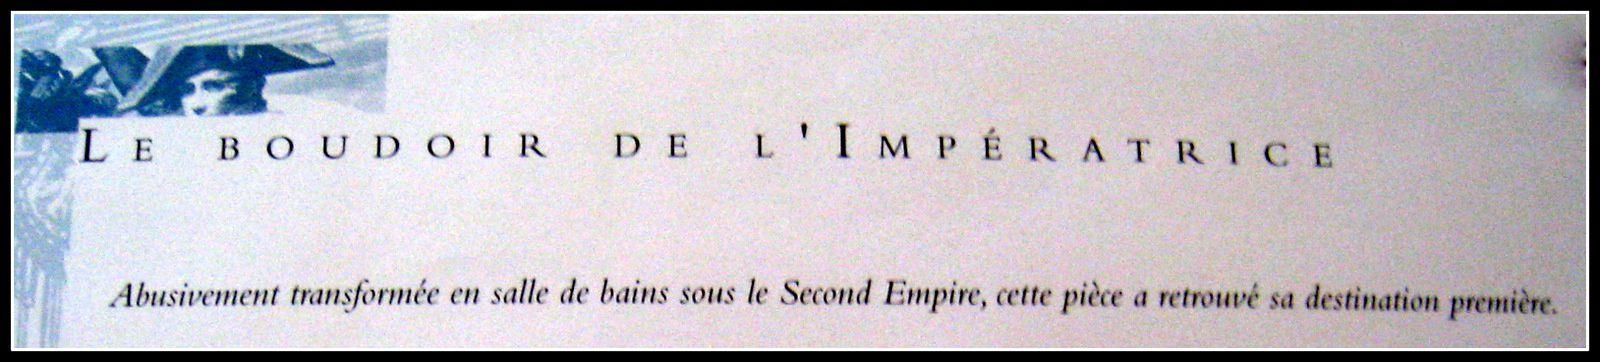 Pendule &quot&#x3B;l'Ecouteuse&quot&#x3B; et feux, Boudoir de l'Impératrice, château de malmaison